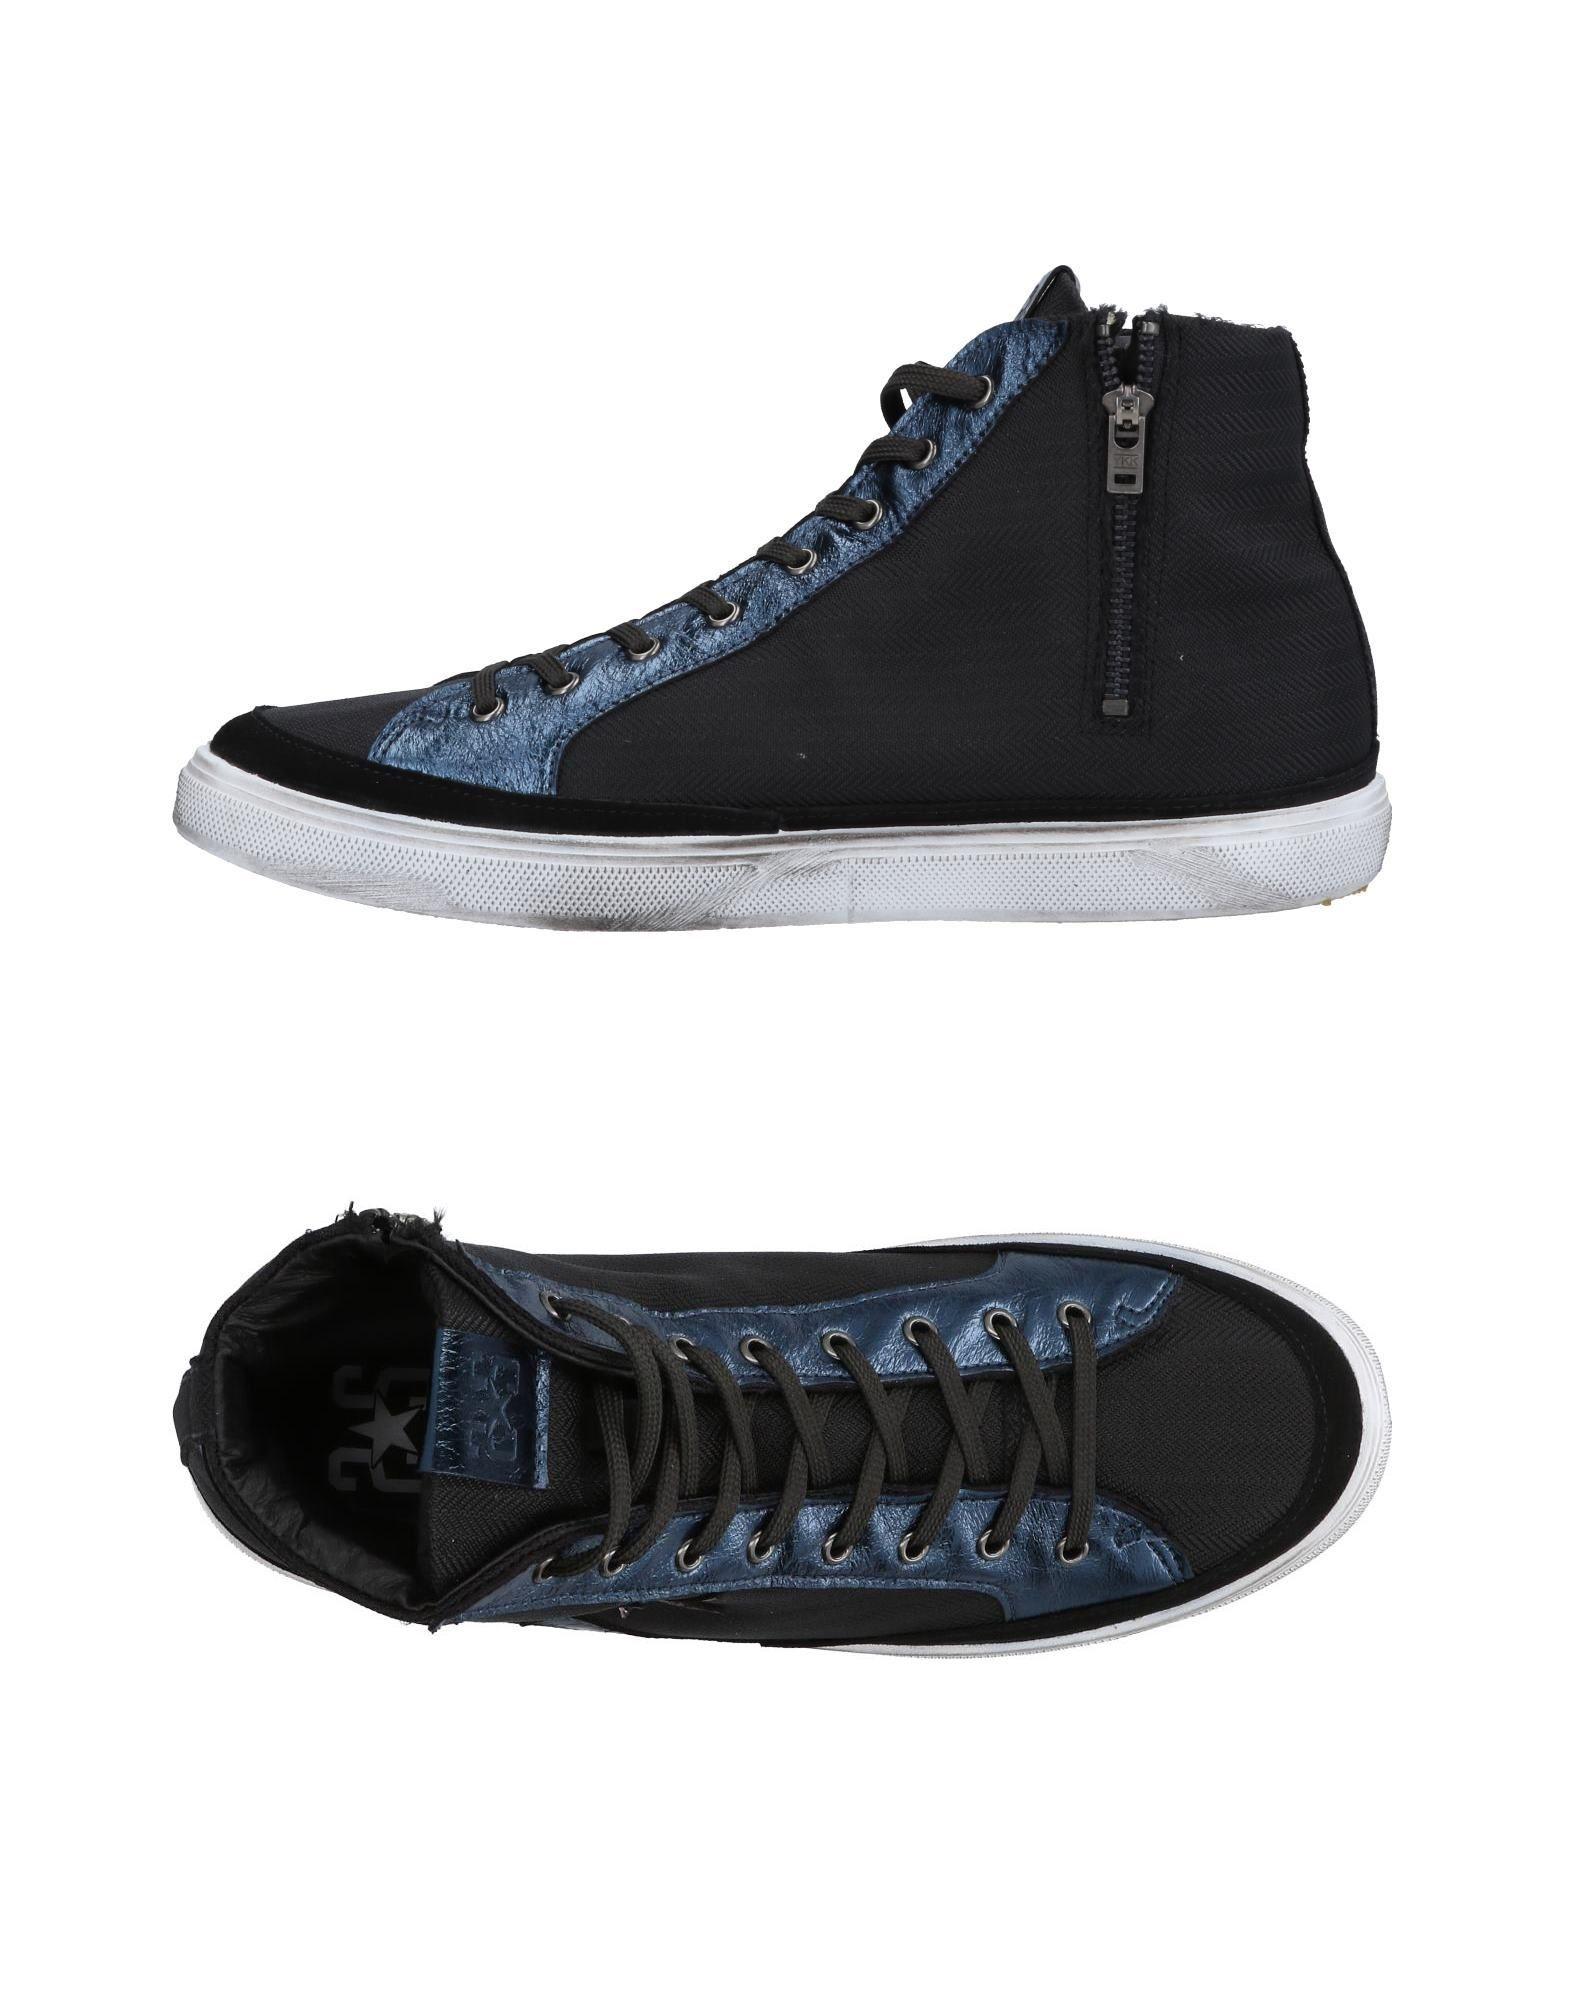 Moda Sneakers 2Star Uomo - 11498701UT